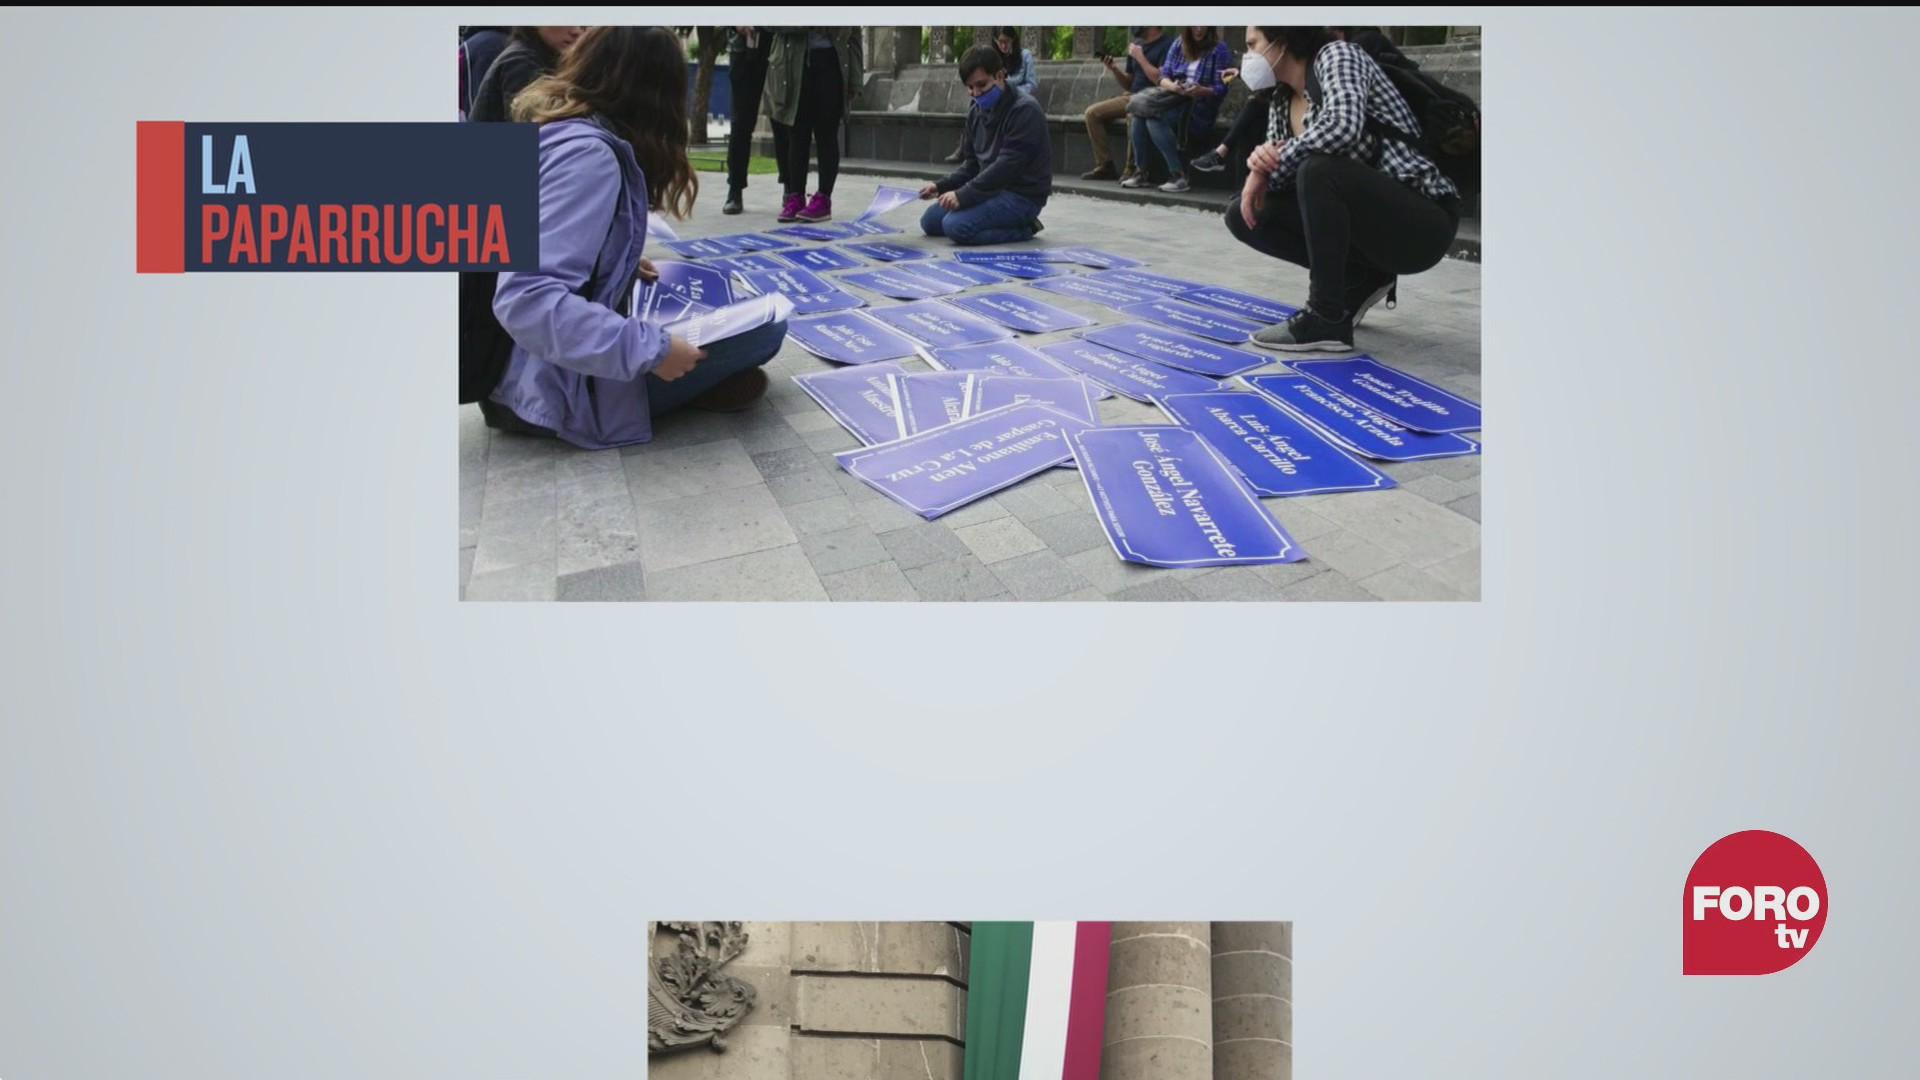 renombran calles del centro historico con nombres de los 43 normalistas es la paparrucha del dia